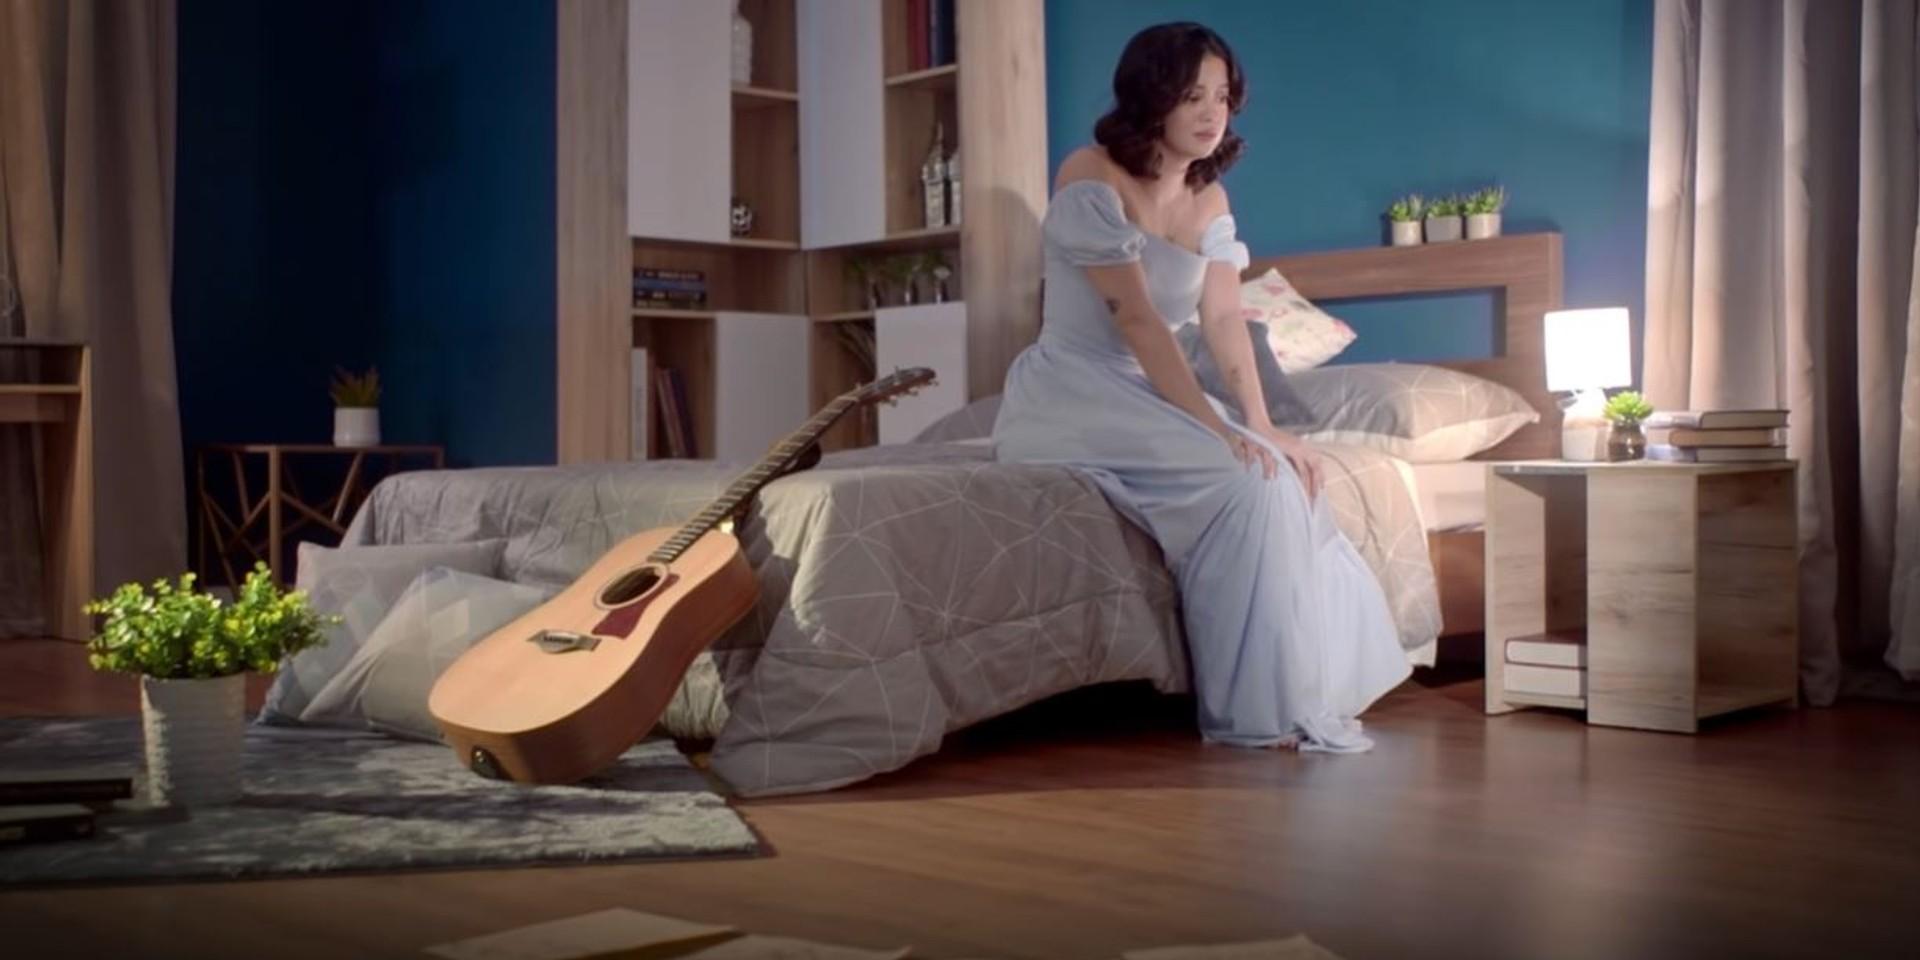 Ben&Ben share emotive lyric video for 'Masyado Pang Maaga,' starring Sue Ramirez – watch